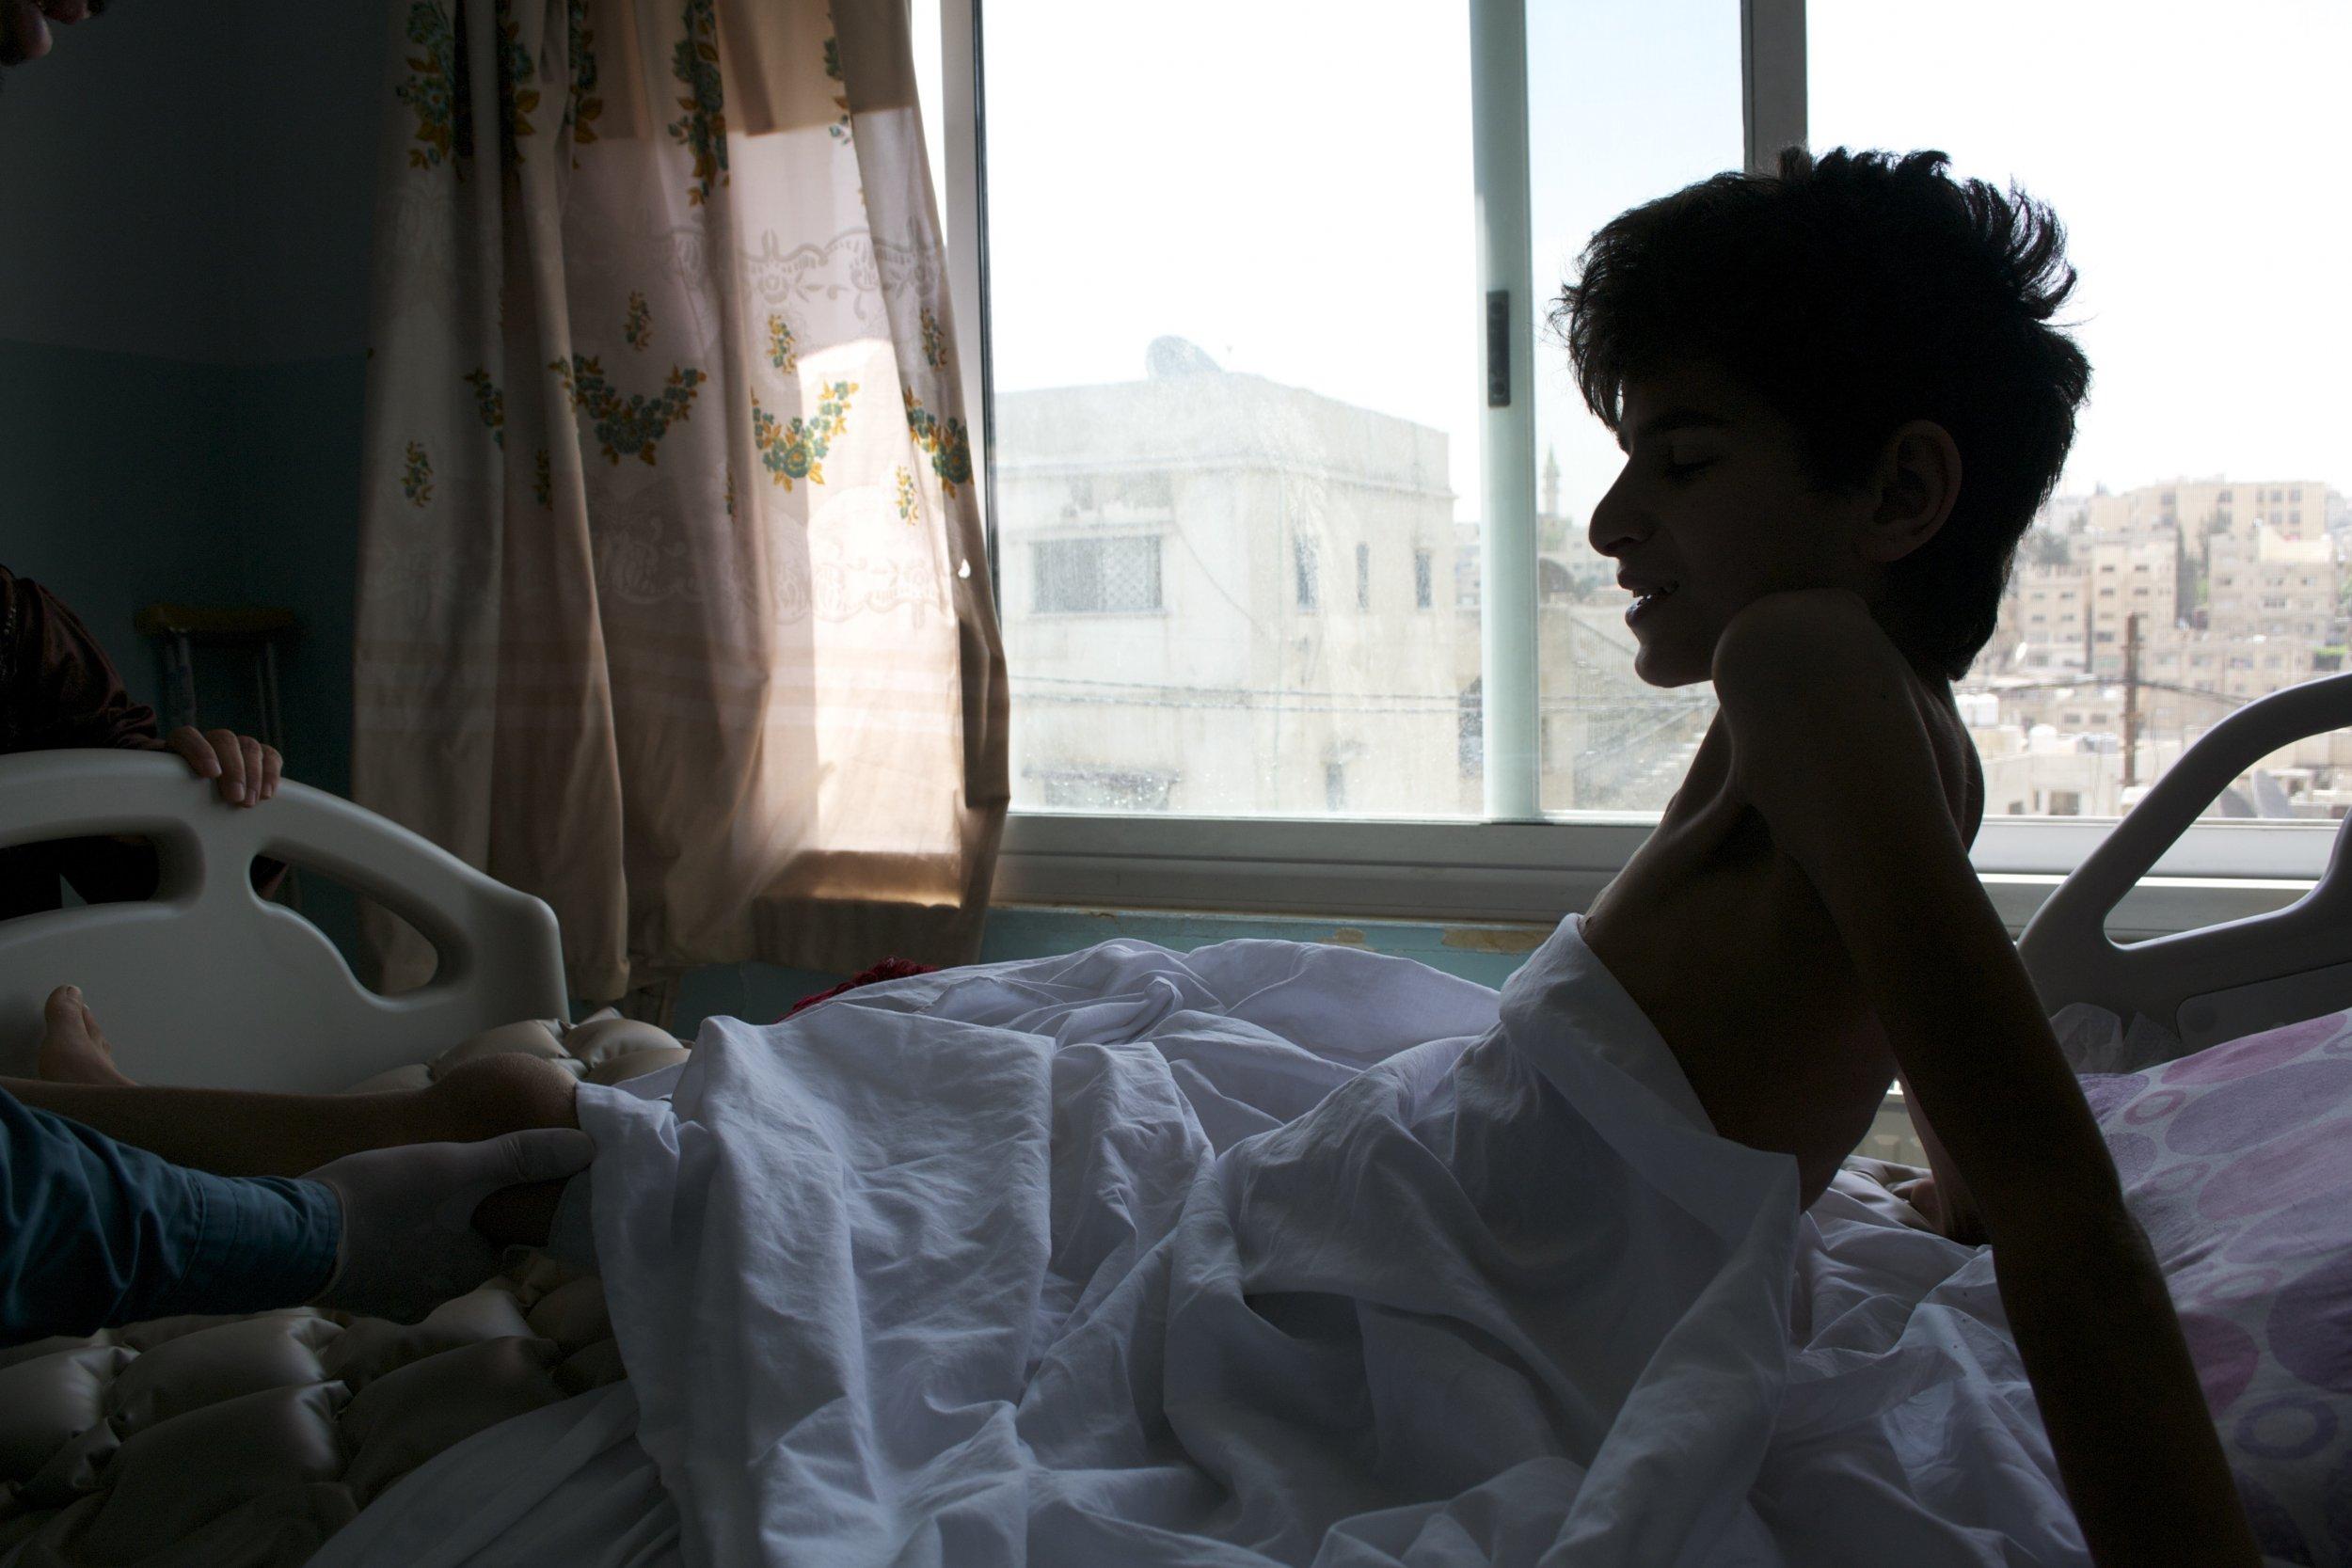 07_24_InjuredSyrians_01